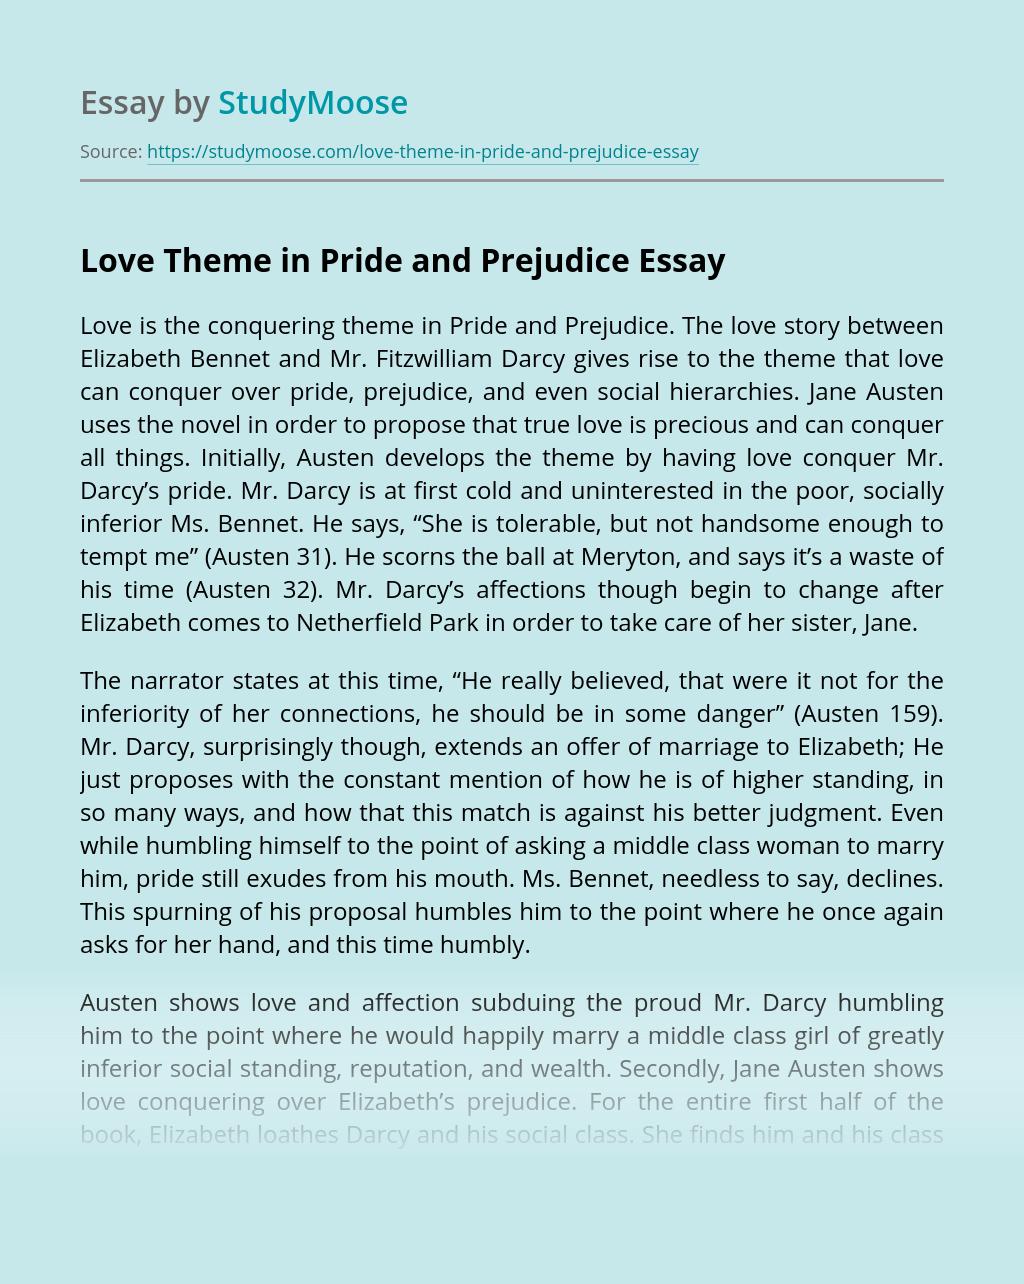 Love Theme in Pride and Prejudice